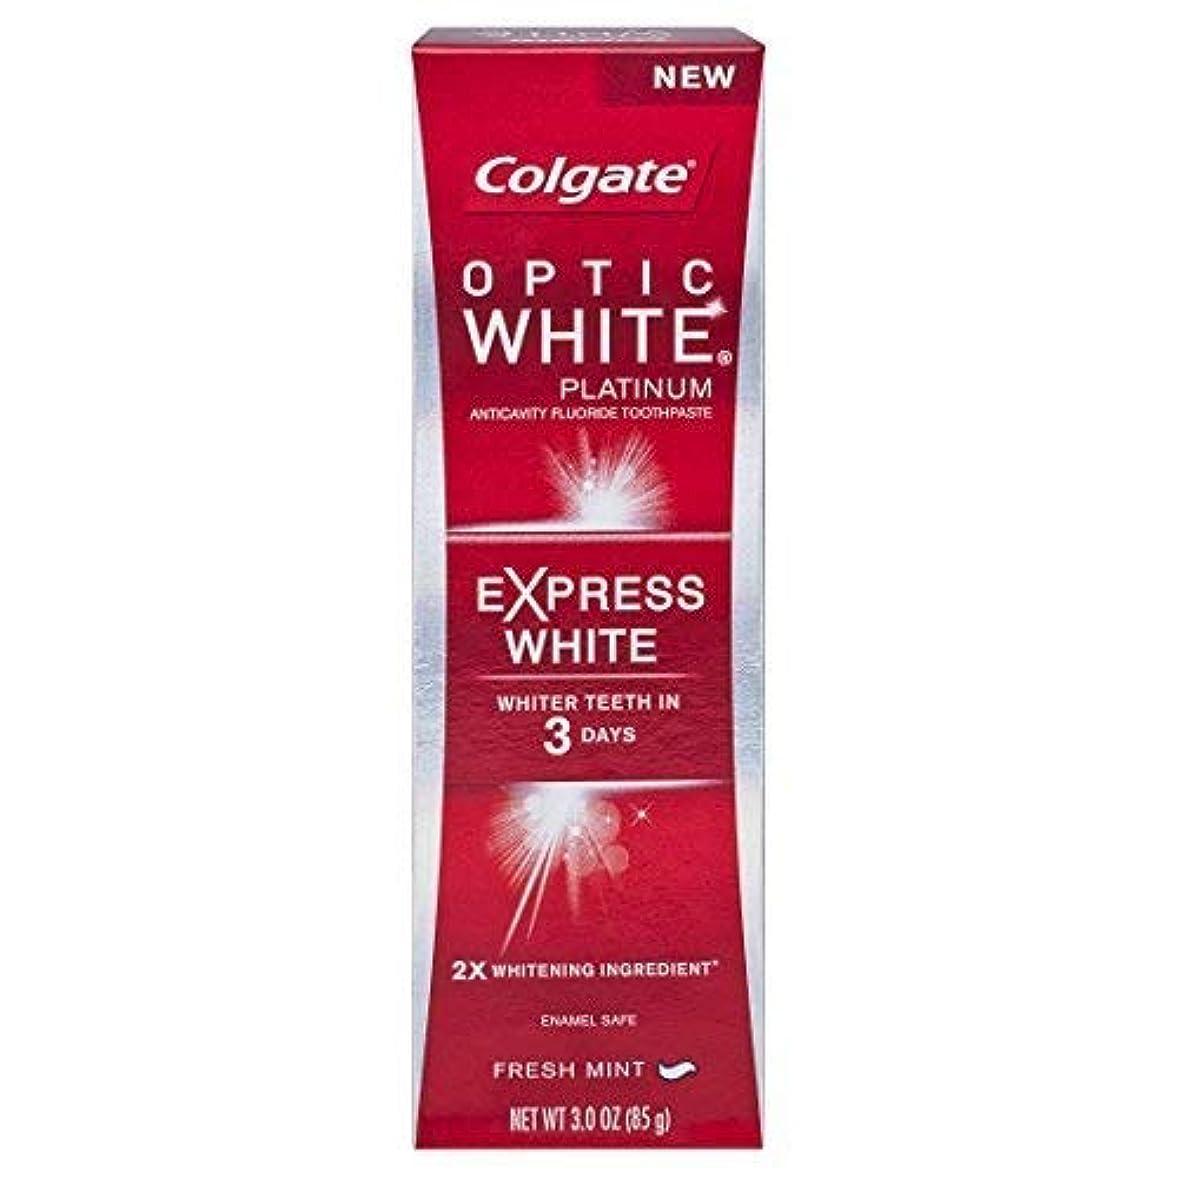 誠意メタルラインセンブランス2 個セット コルゲート 歯みがき粉 オプティック ホワイト 3Days エクスプレス ホワイト